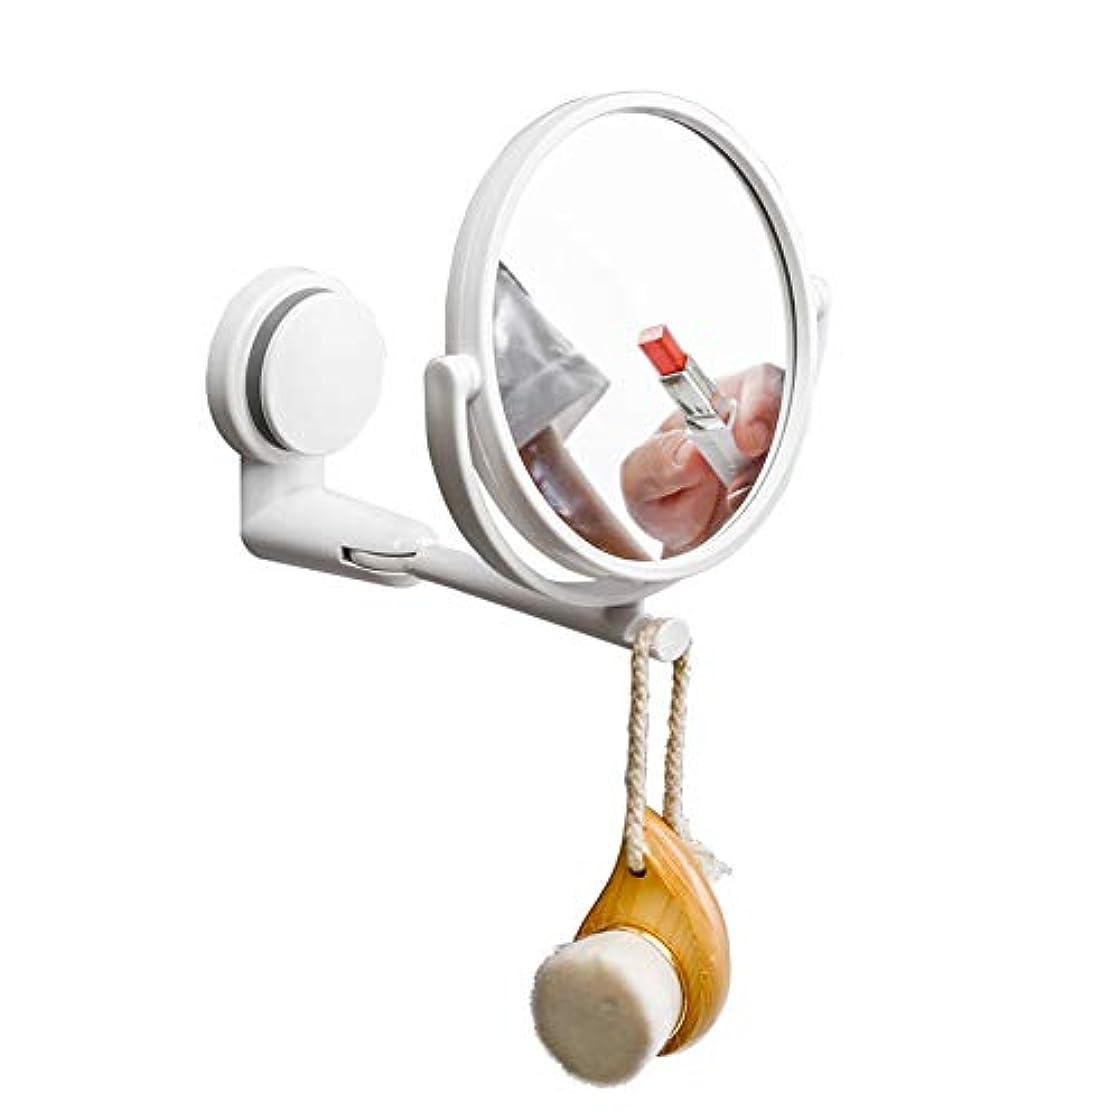 不均一しかしコールドCatChi 壁付けミラー 両面化粧鏡 3倍拡大鏡 折りたたみ 360度回転 女優ミラー 吸盤式 お風呂 洗面所 アームミラー 取り付け簡単